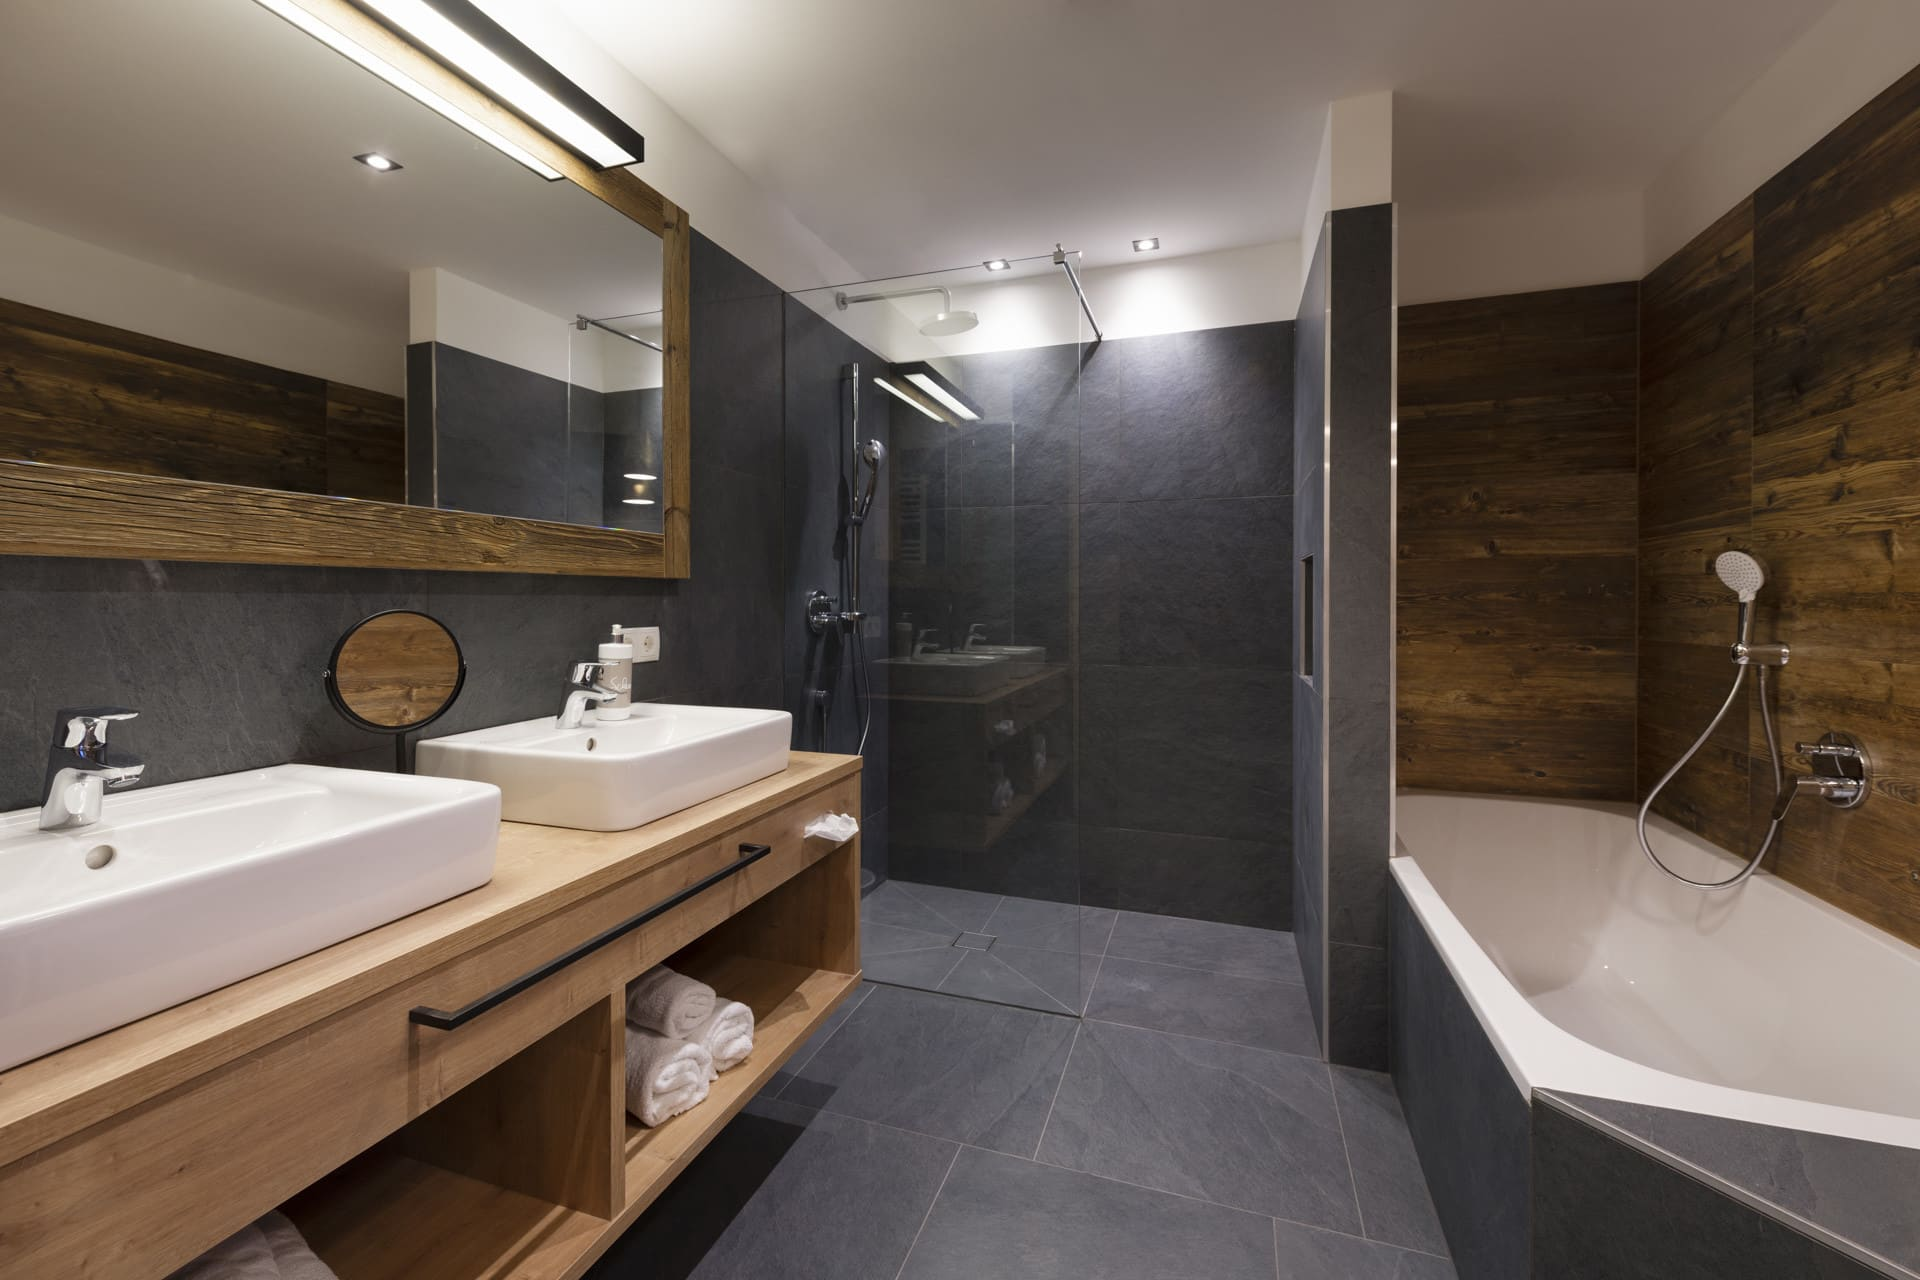 Grosses-Badezimmer-Badewanne-Dusche-Ferienwohnungen-Sepp-und-Hannis-Suiten-im-Dorf-Stubai